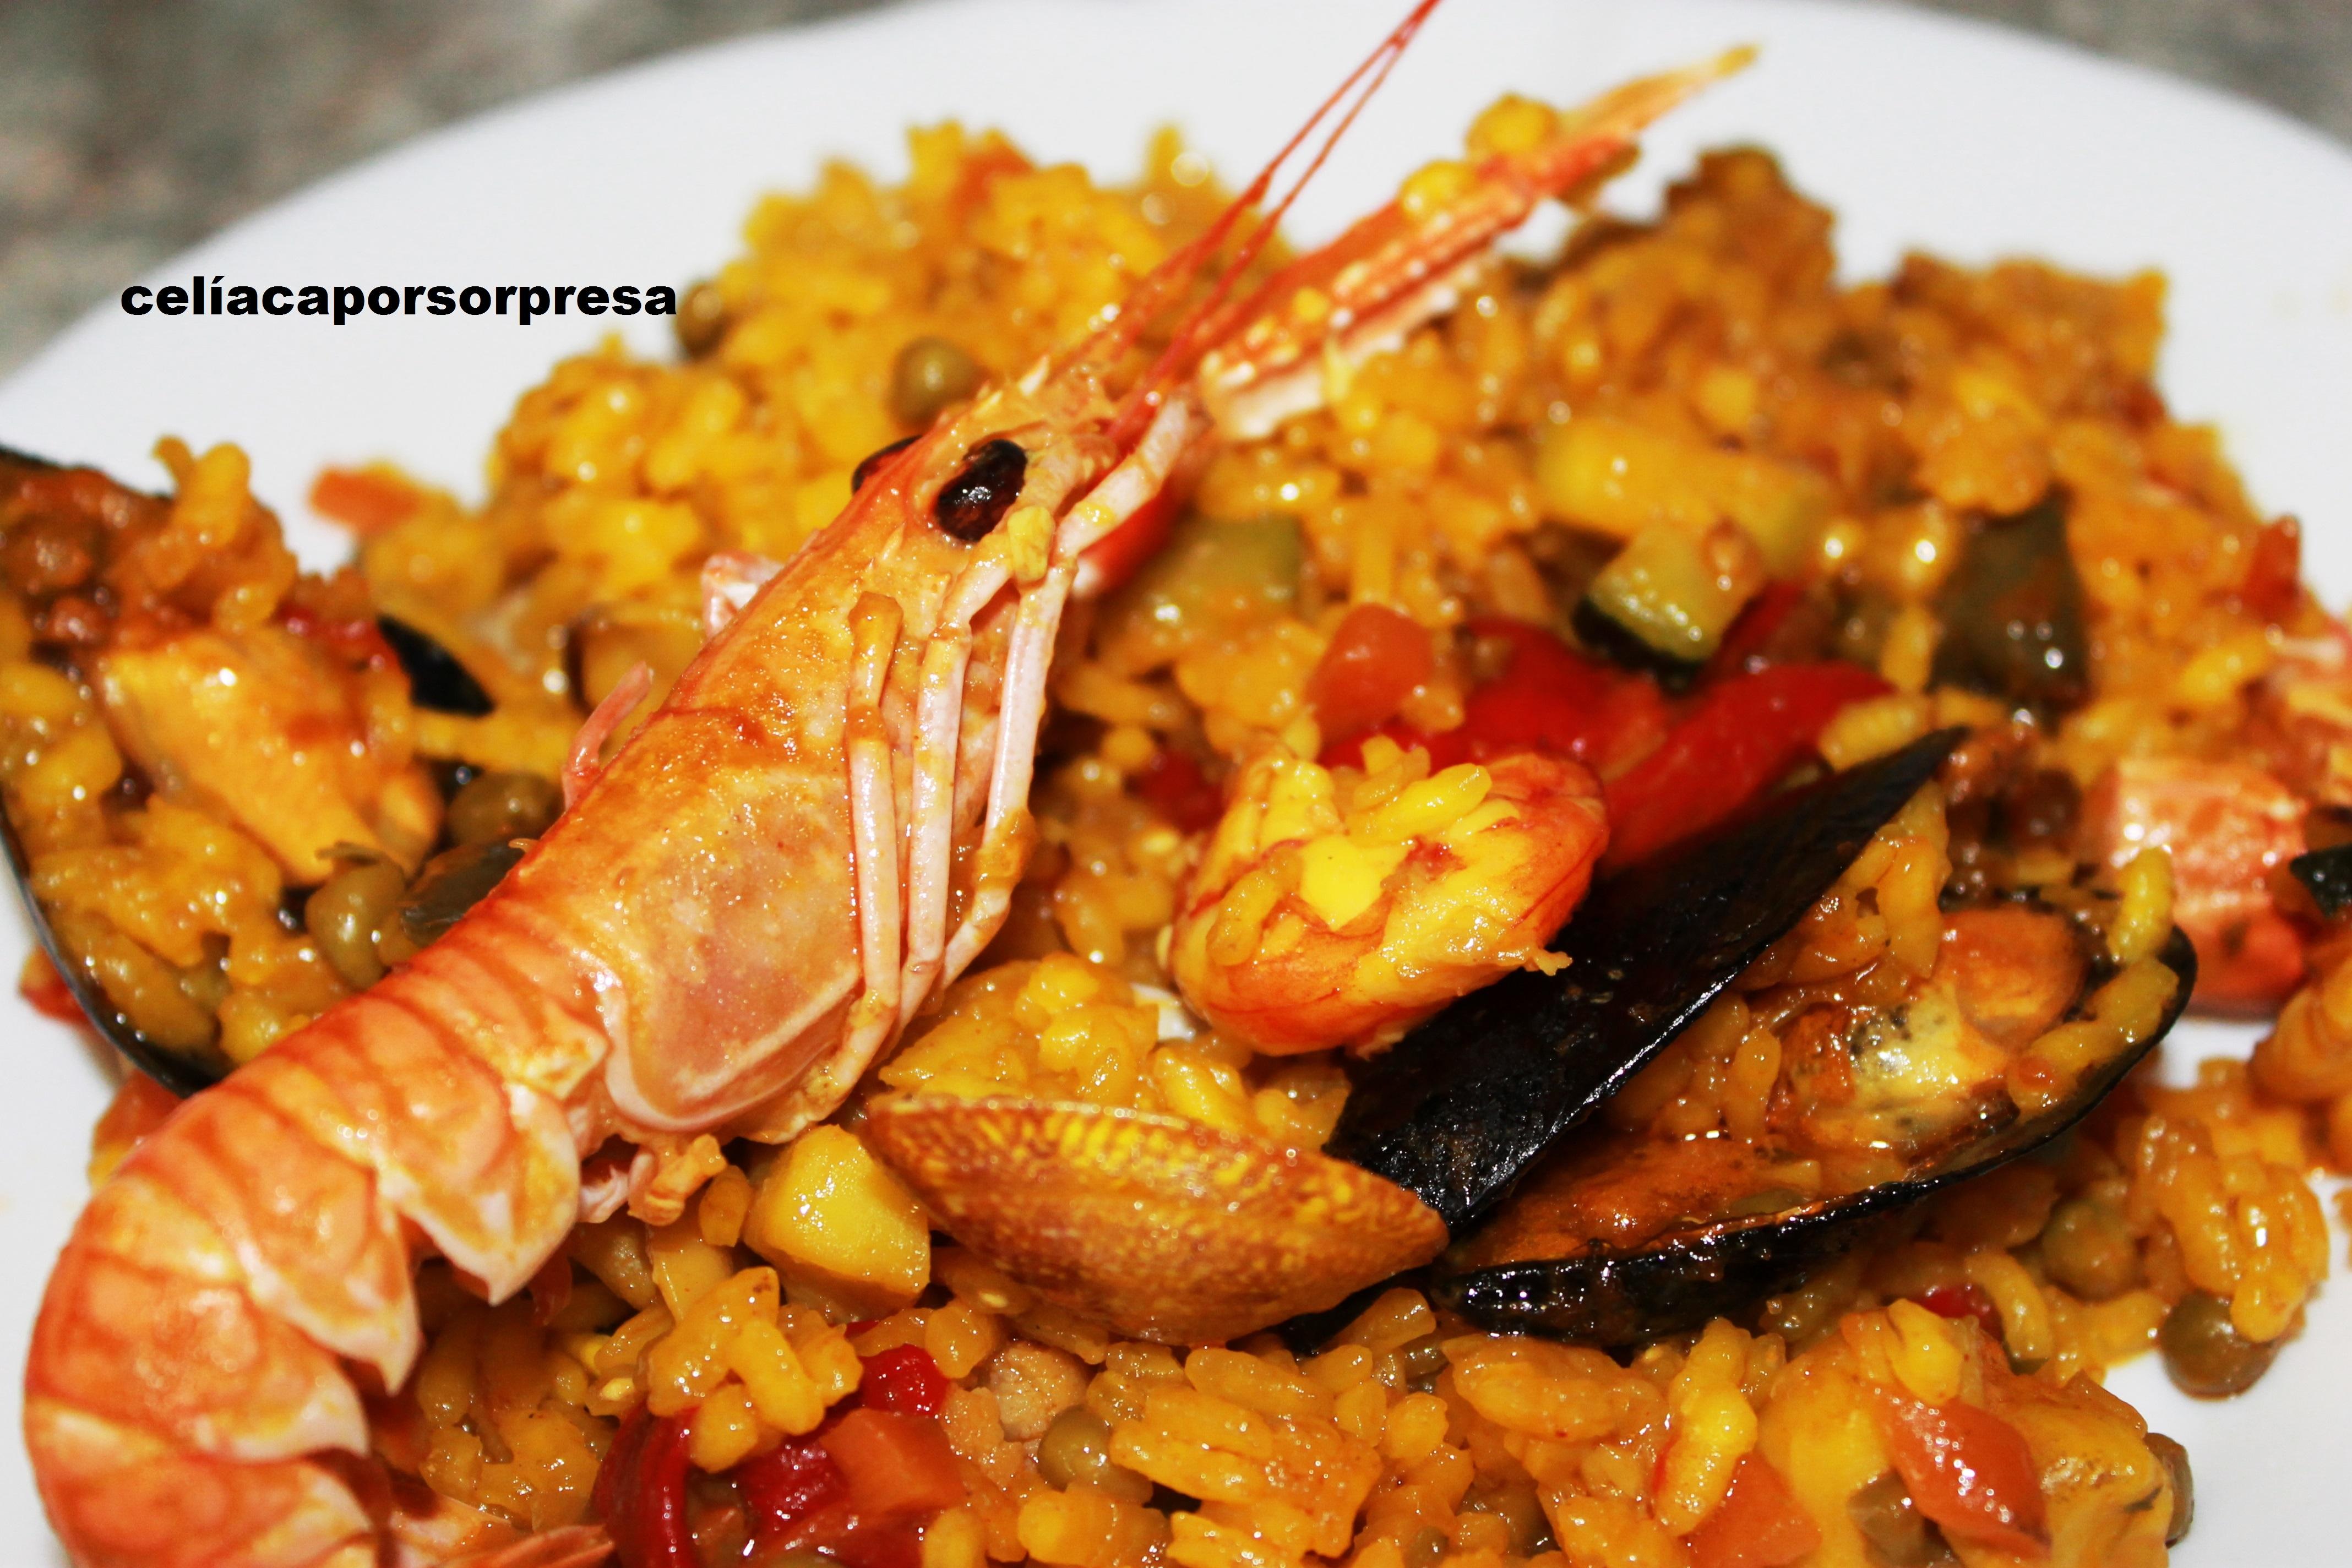 Paella mixta de verdura y pescado cel aca por sorpresa - Paella de pescado ...